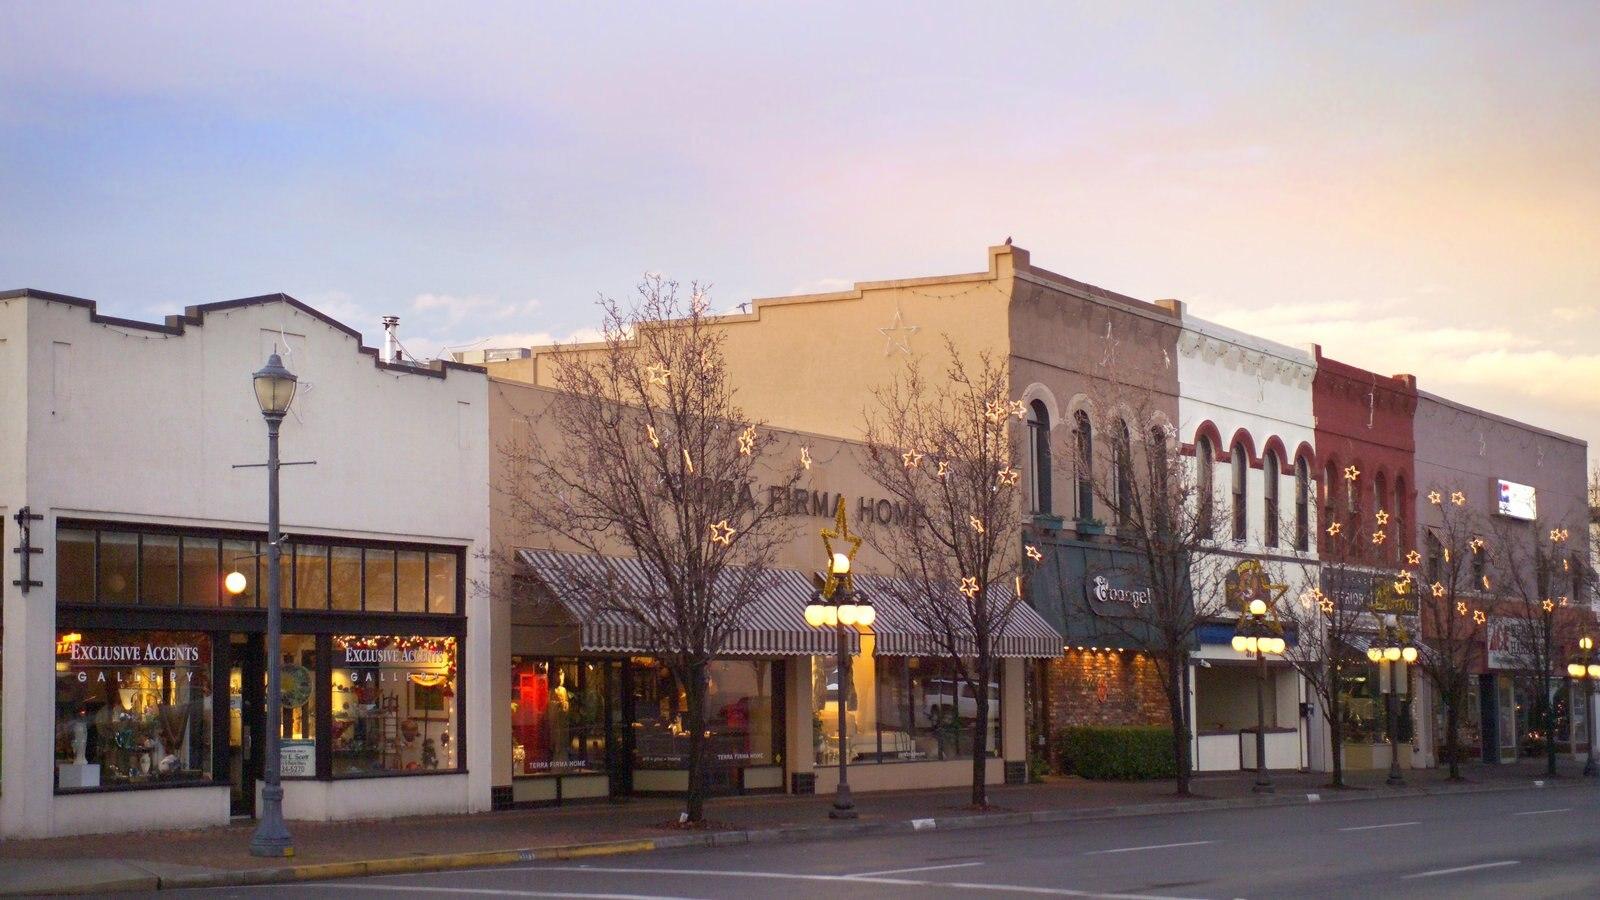 Medford ofreciendo una ciudad